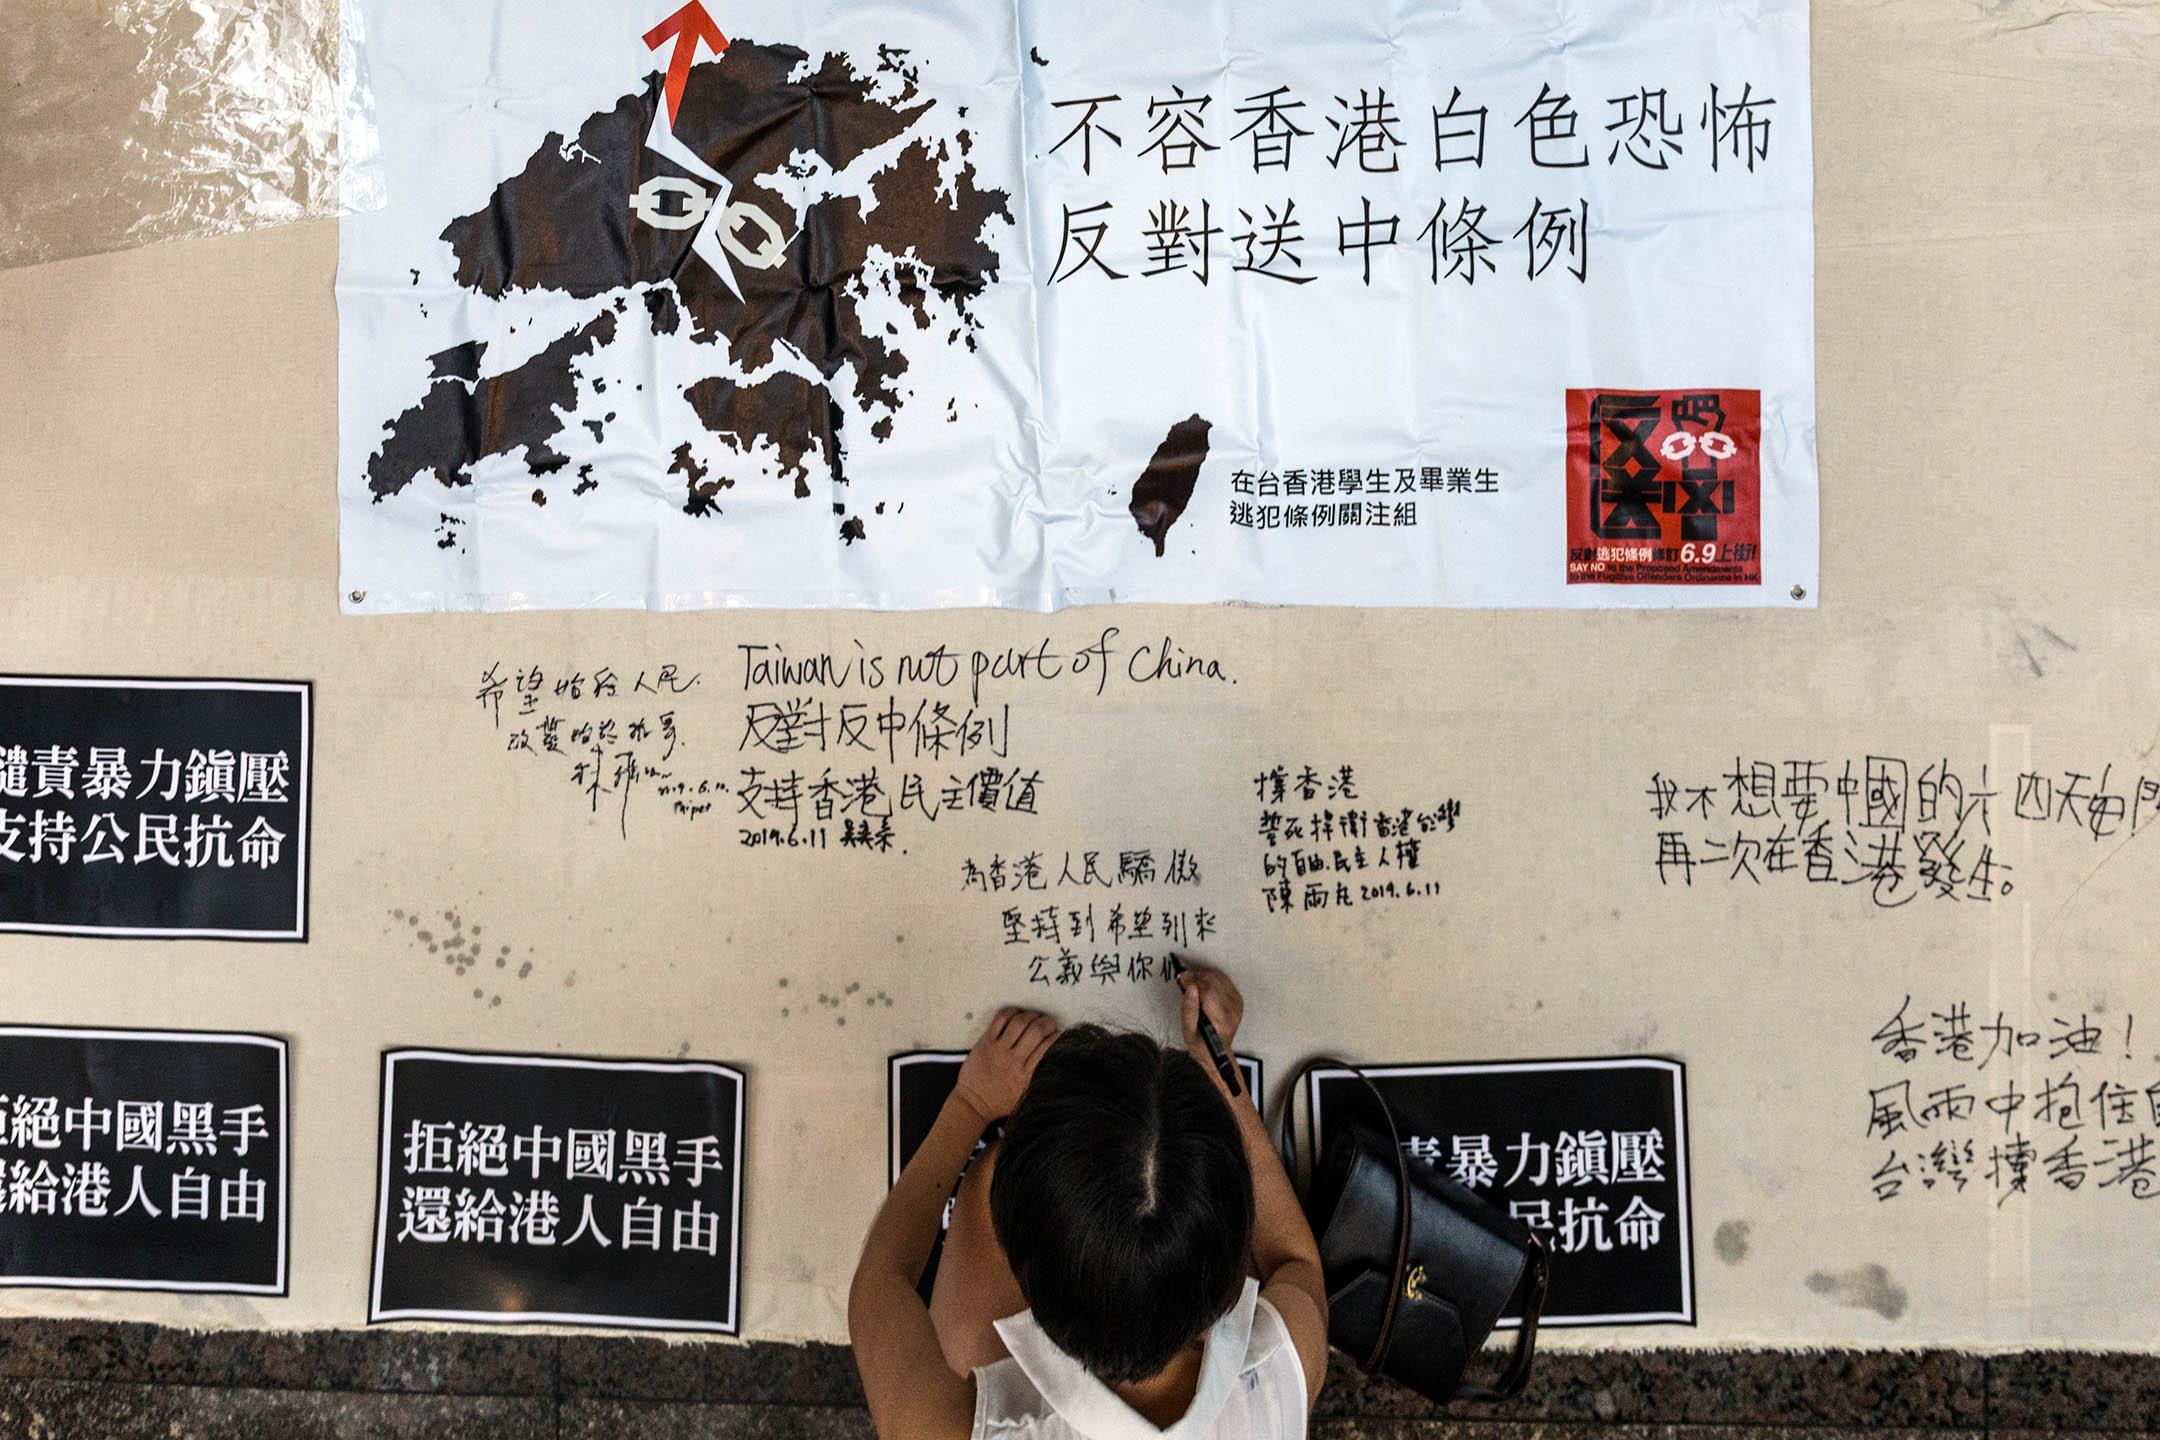 2019年6月10日,約莫30名台港青年出席「台灣青年挺香港,堅決抗議反送中」記者會, 記者會結束後,多名香港學生紛紛在主辦方帶來的白布寫上聲援香港的話語。 攝:陳焯煇/端傳媒